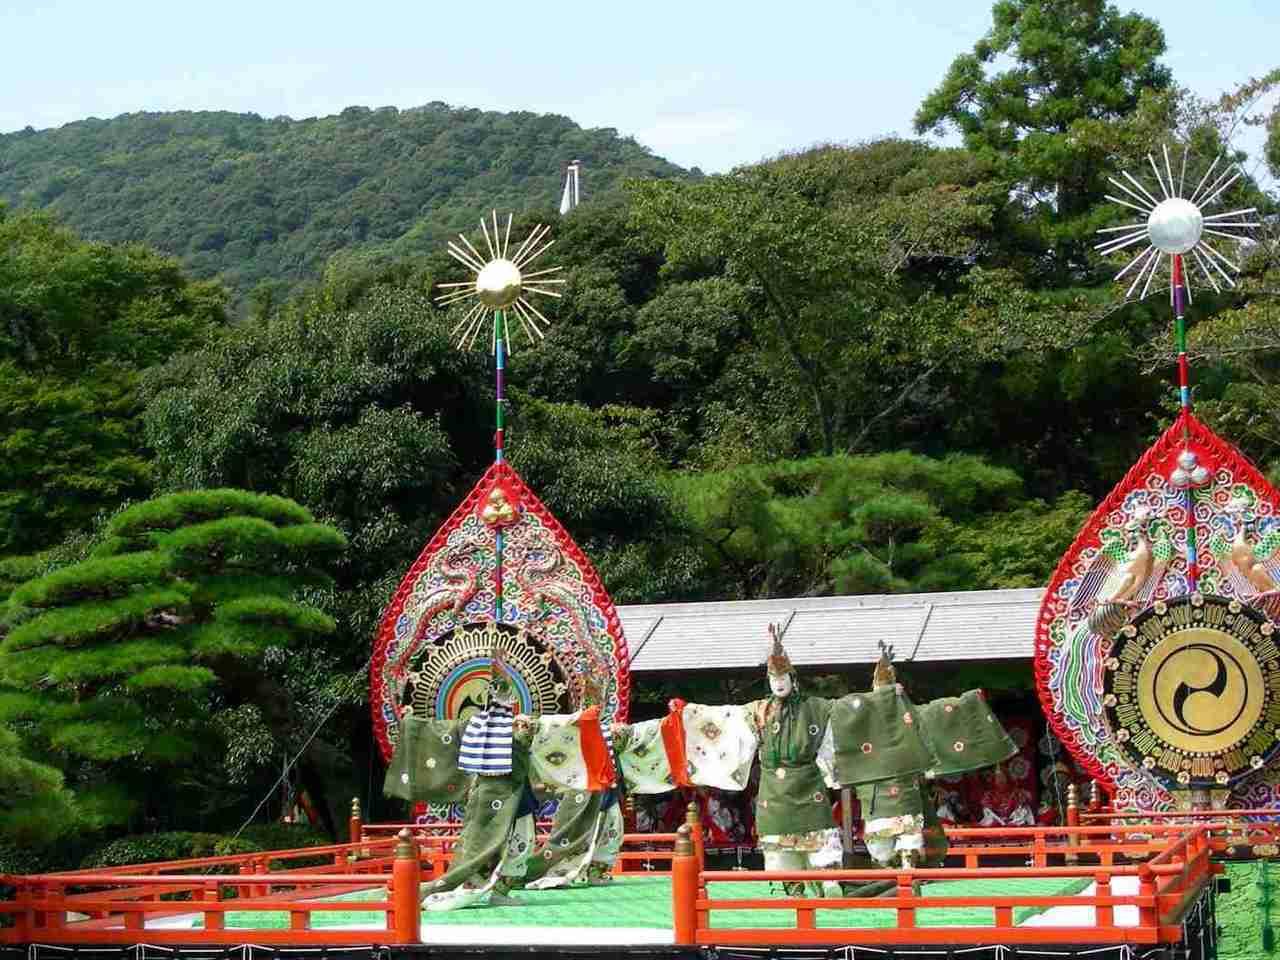 日本神道——伊勢神宮秋季神樂祭。圖/取自N yotarou